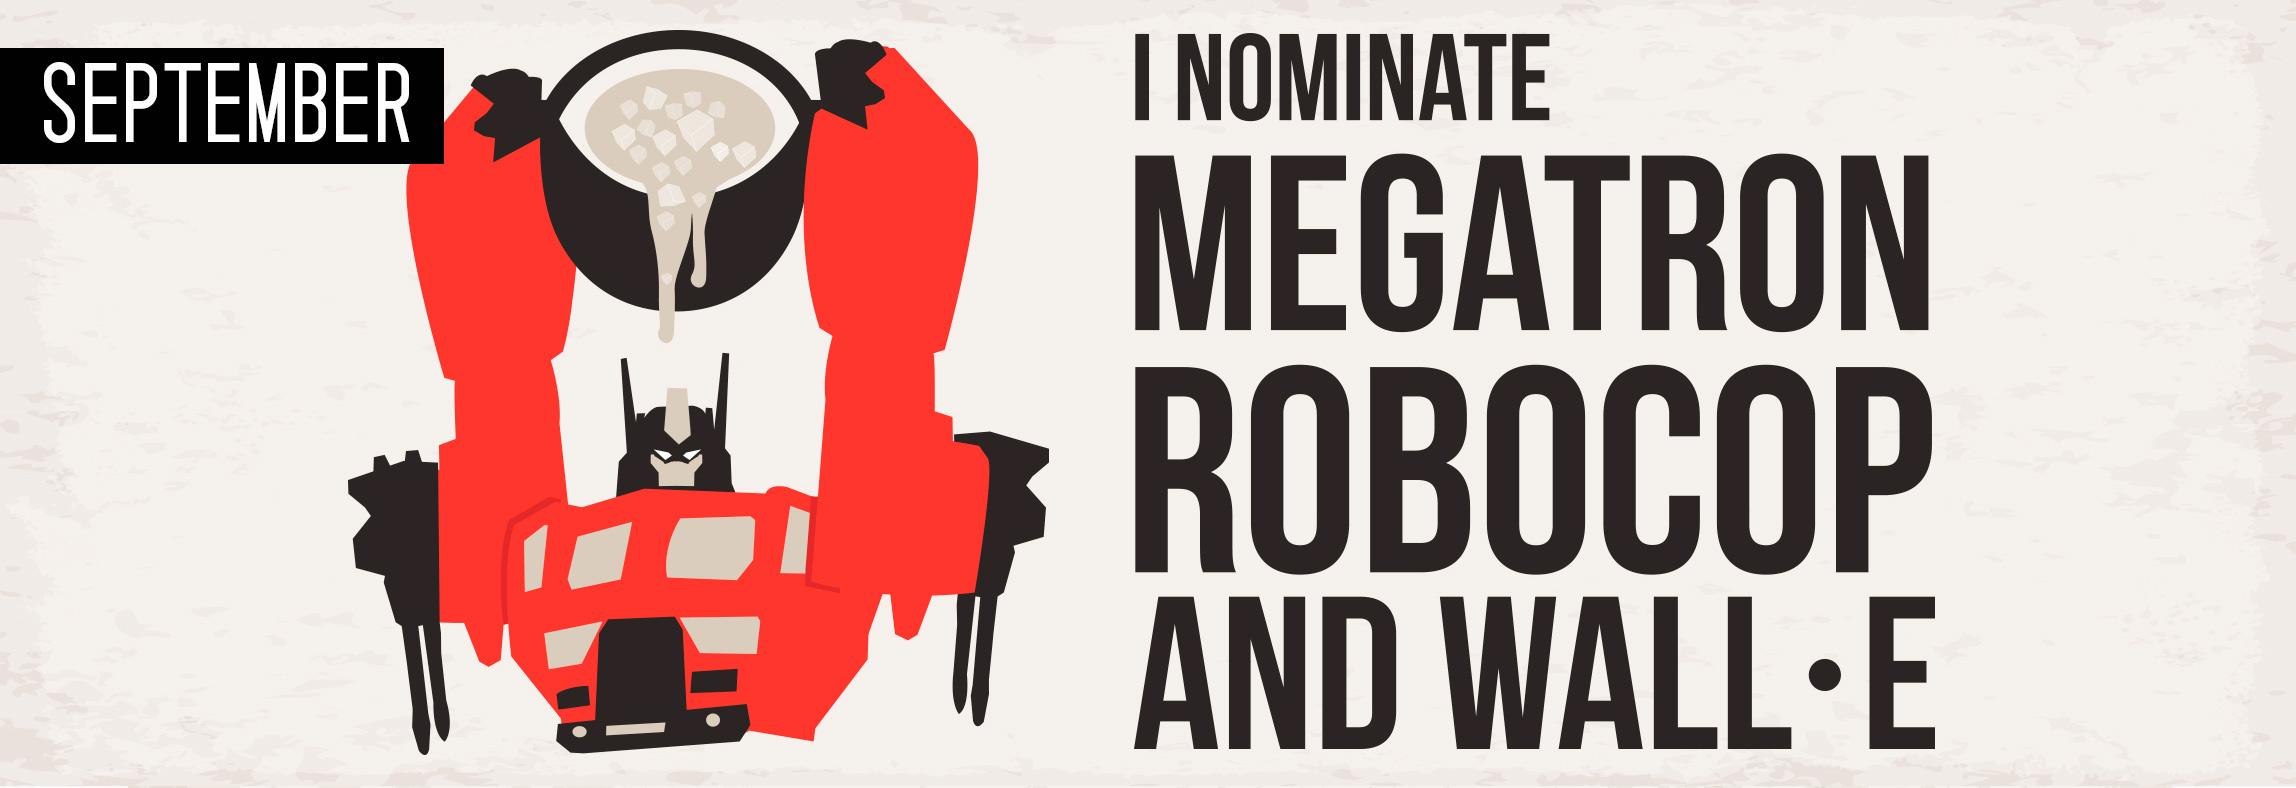 I nominate megatron robocop and wall e